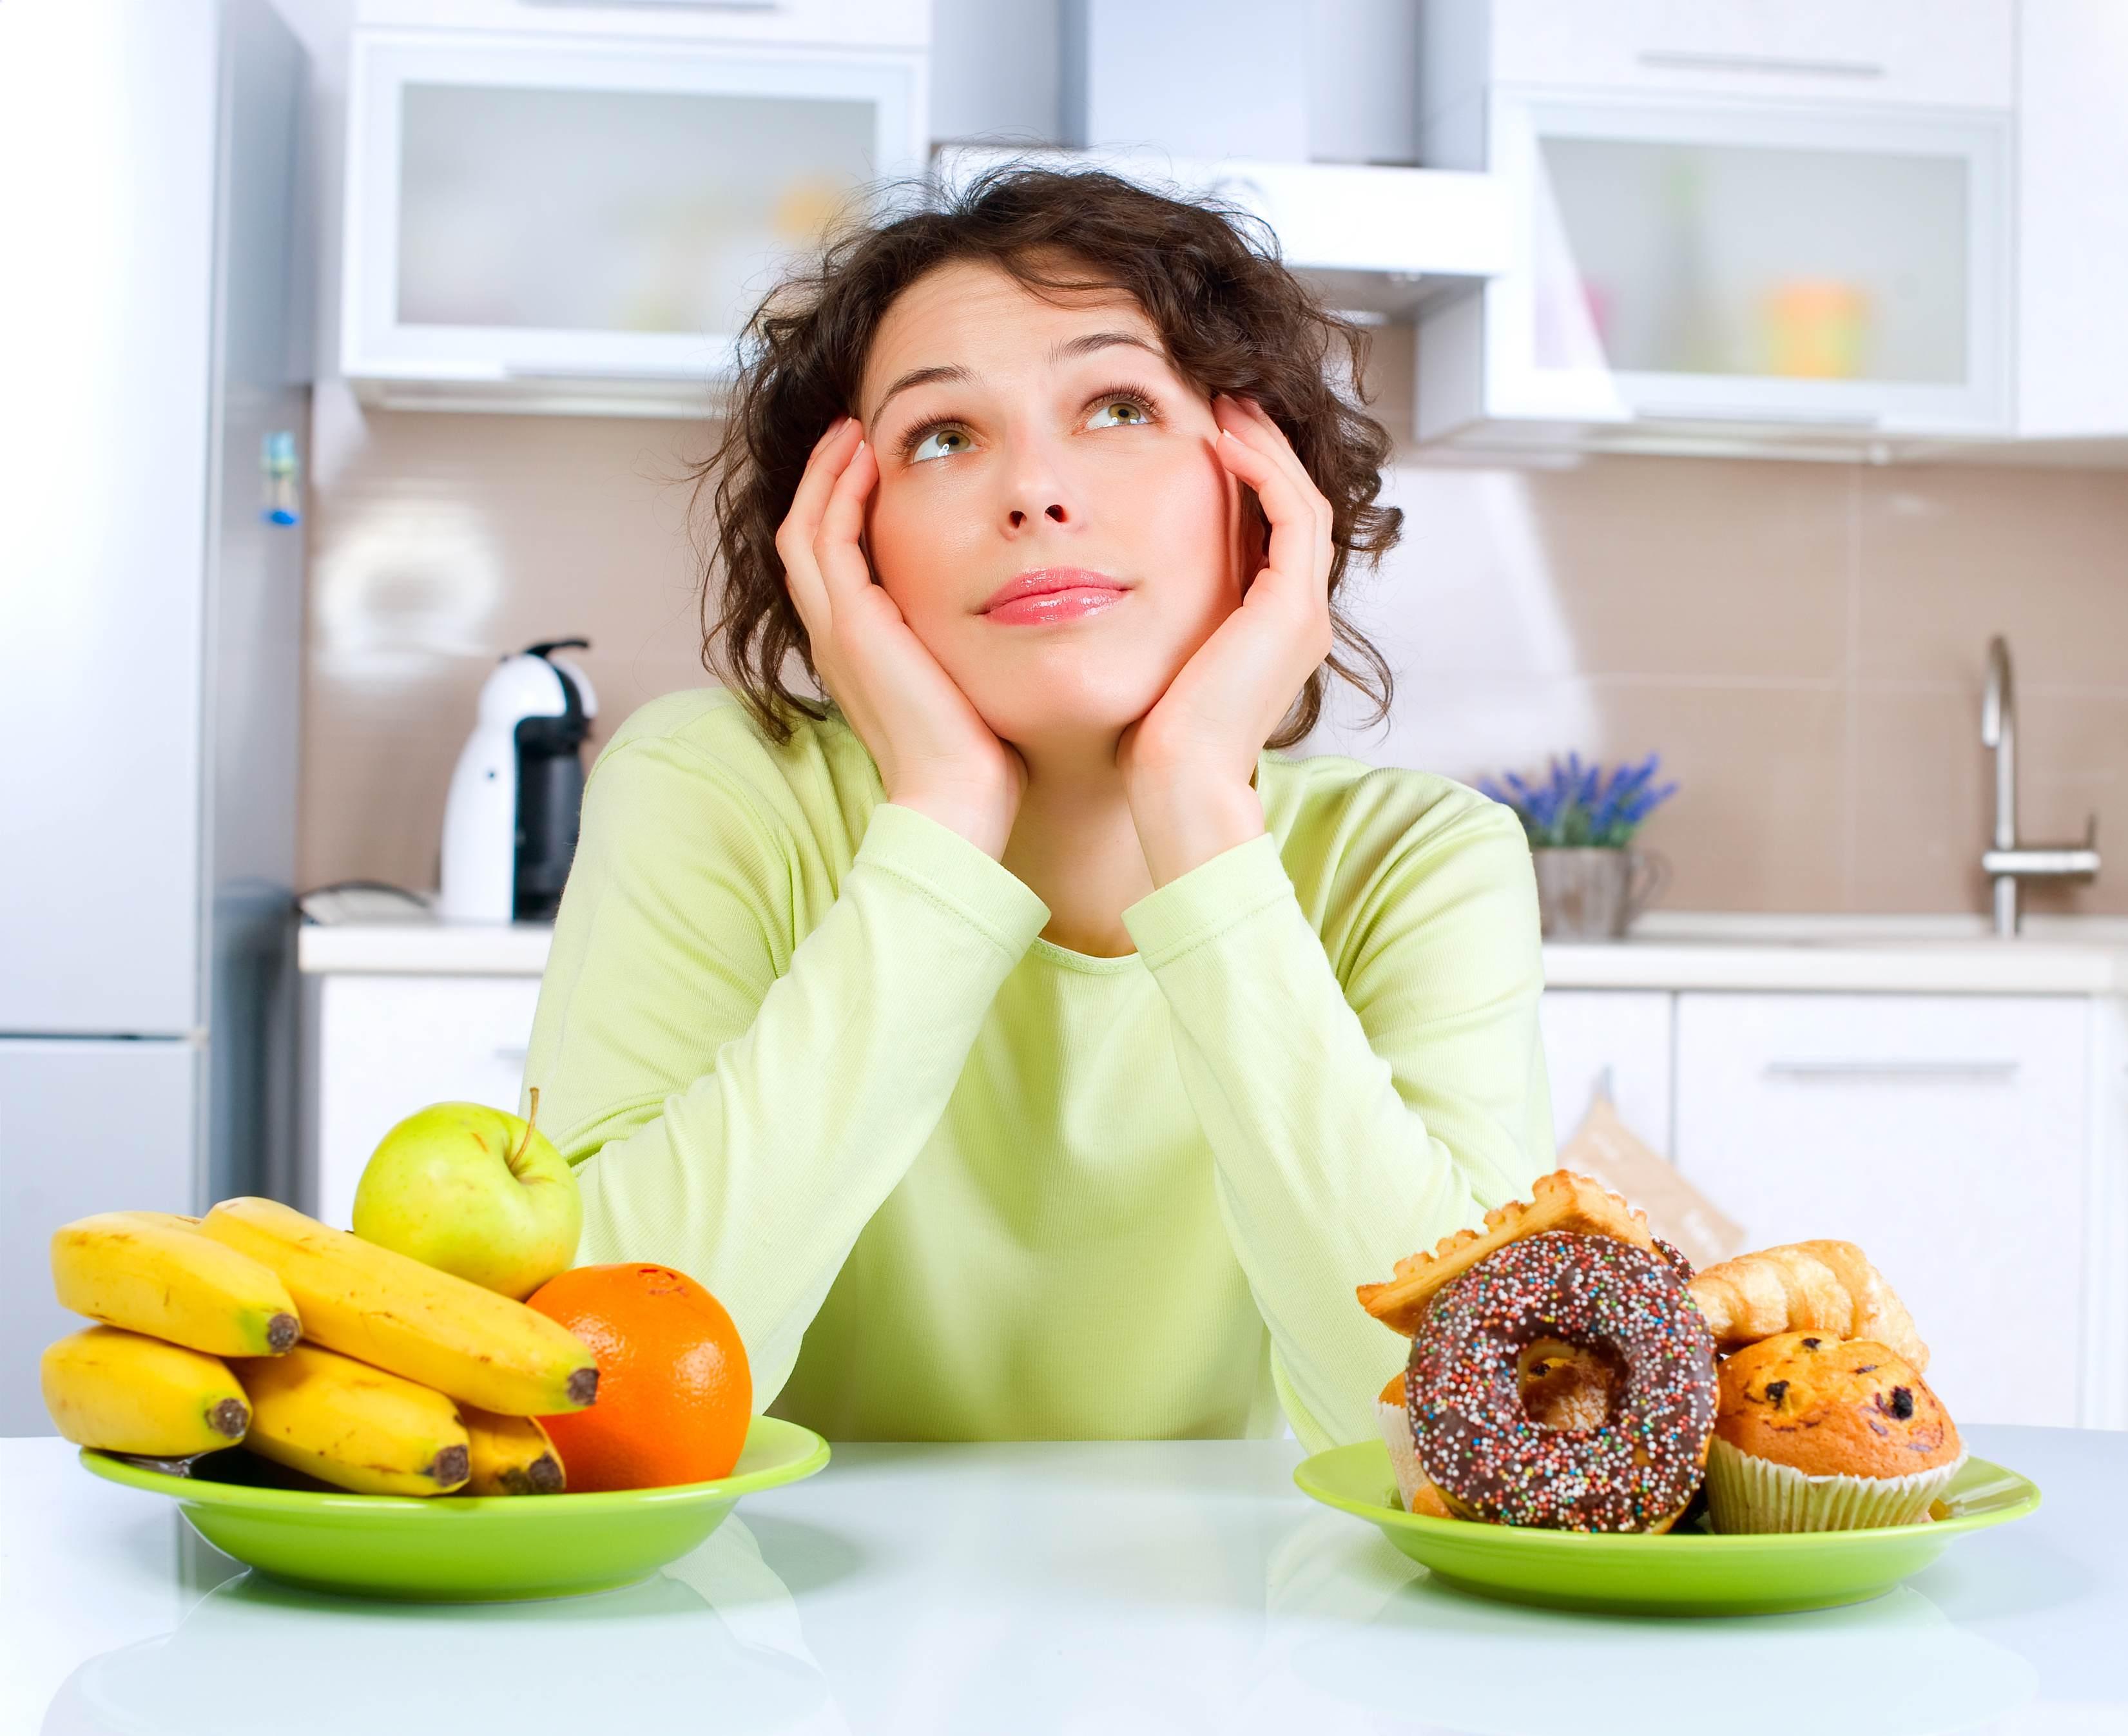 İştahı Azaltan Yiyecekler: İştah Kesen Besinler